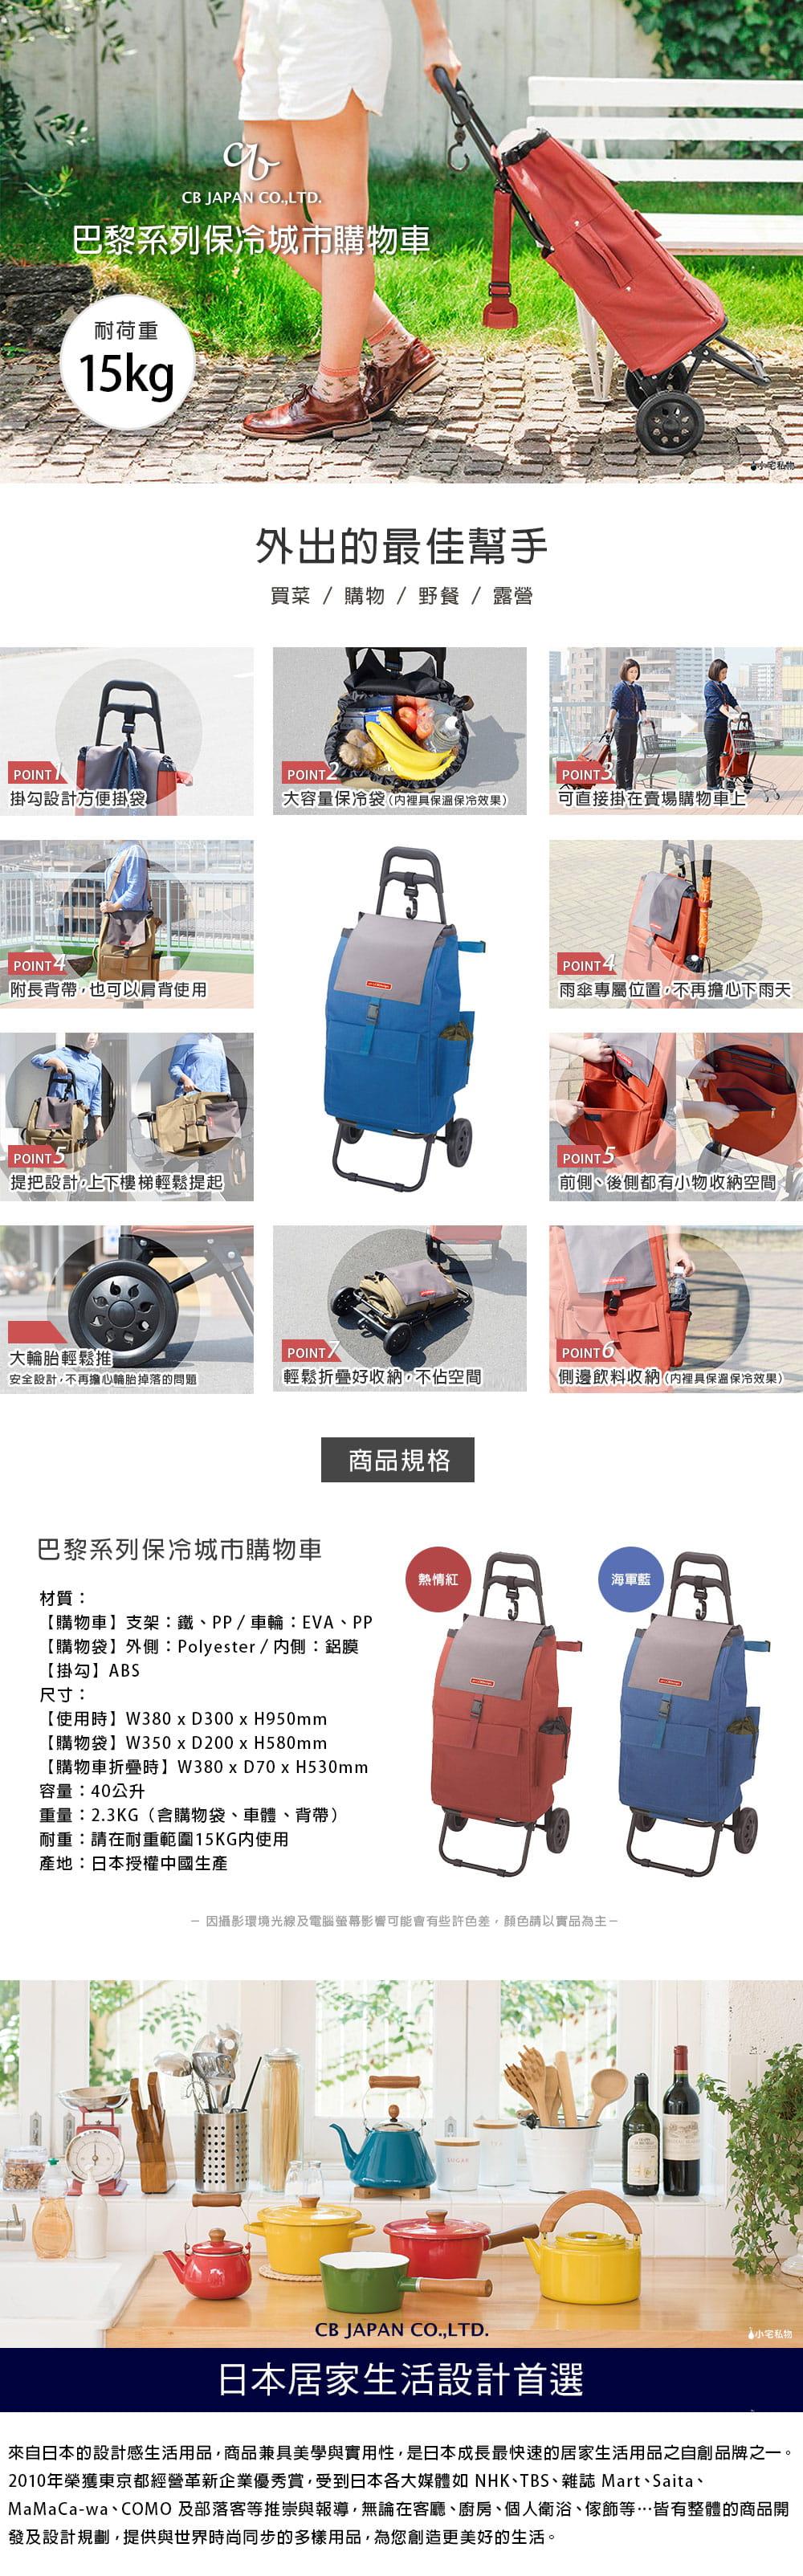 CB Japan 巴黎系列 保冷城市購物車 - 海軍藍